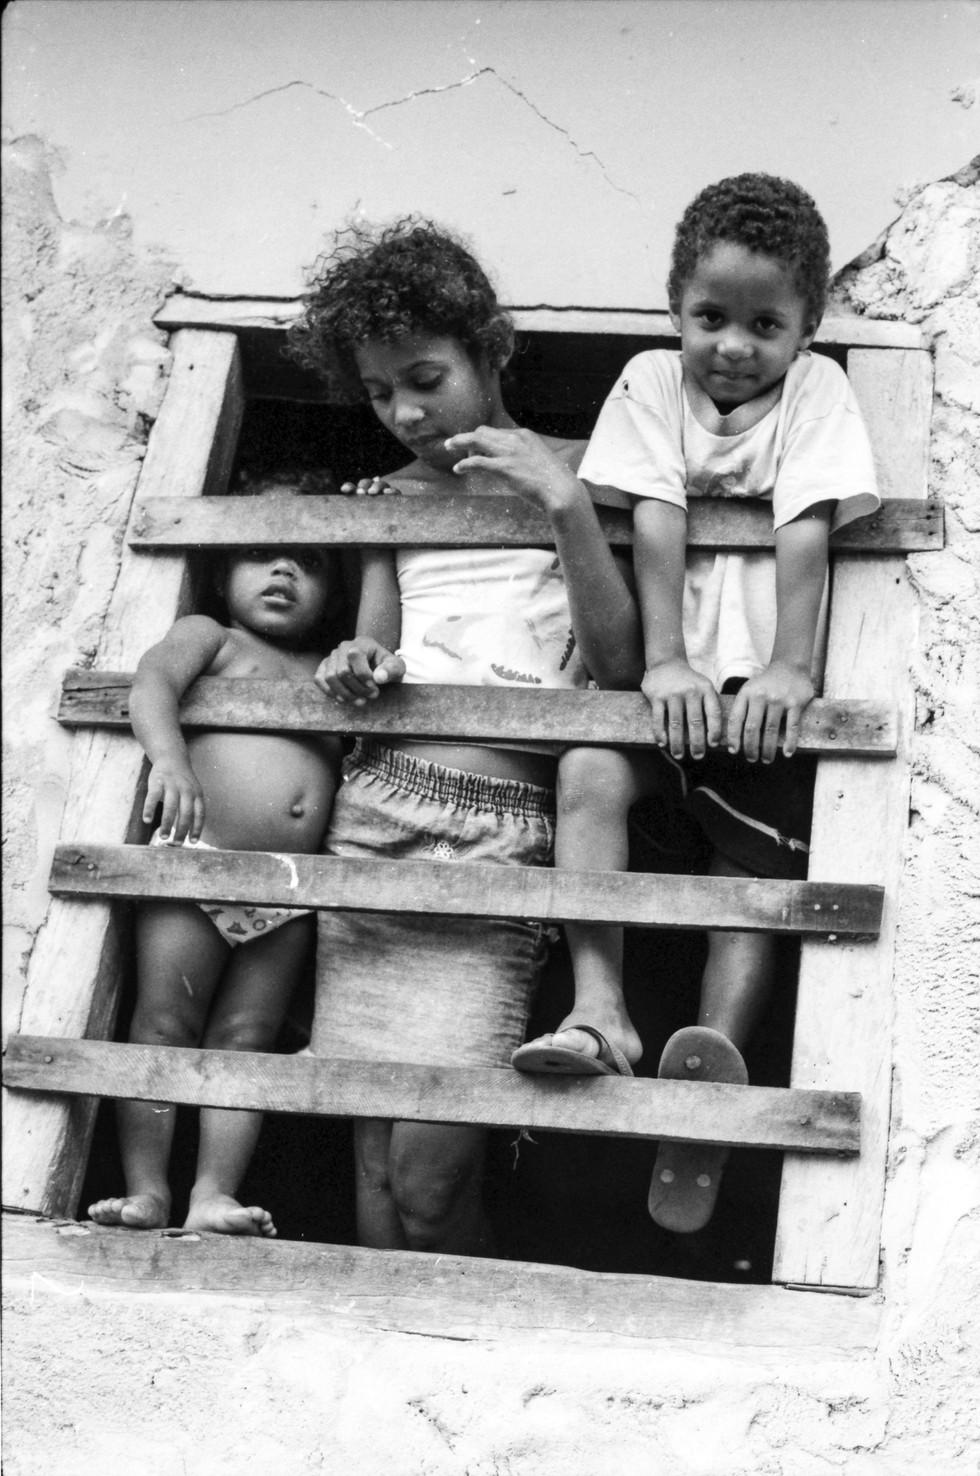 Salvador, Brazil, 2004